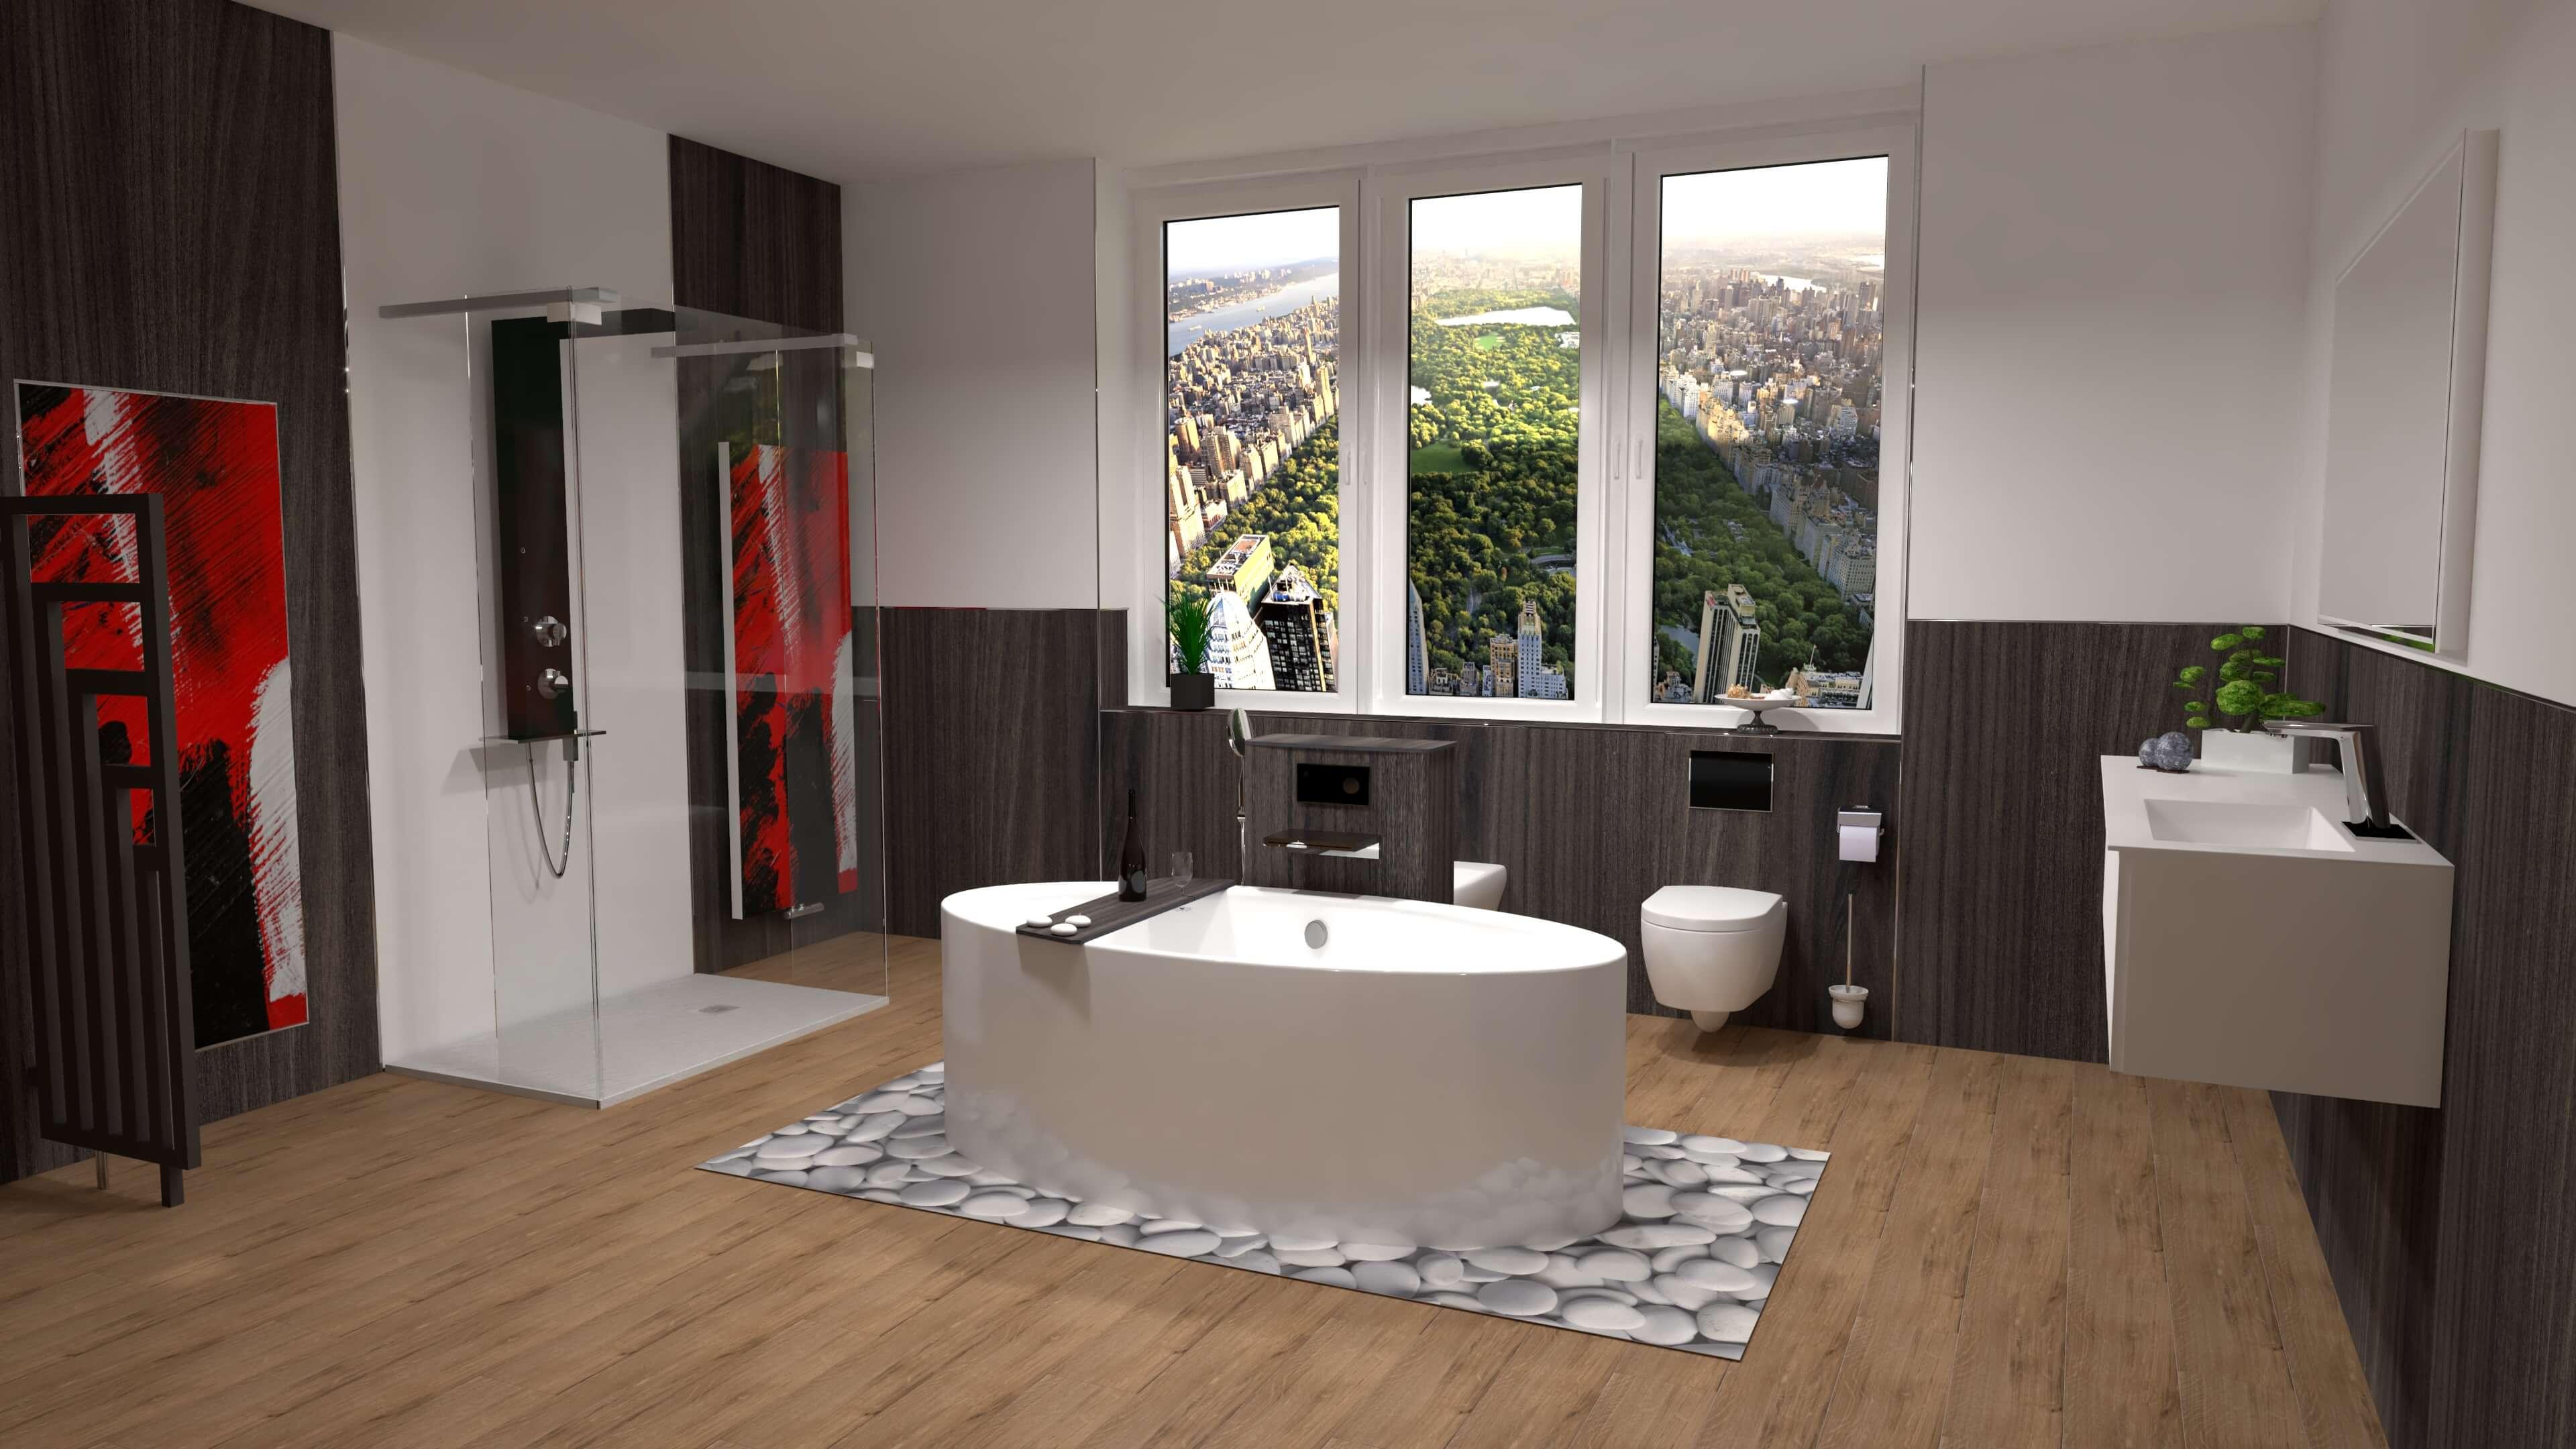 duschking floor eiche dunkel bodenbel ge. Black Bedroom Furniture Sets. Home Design Ideas